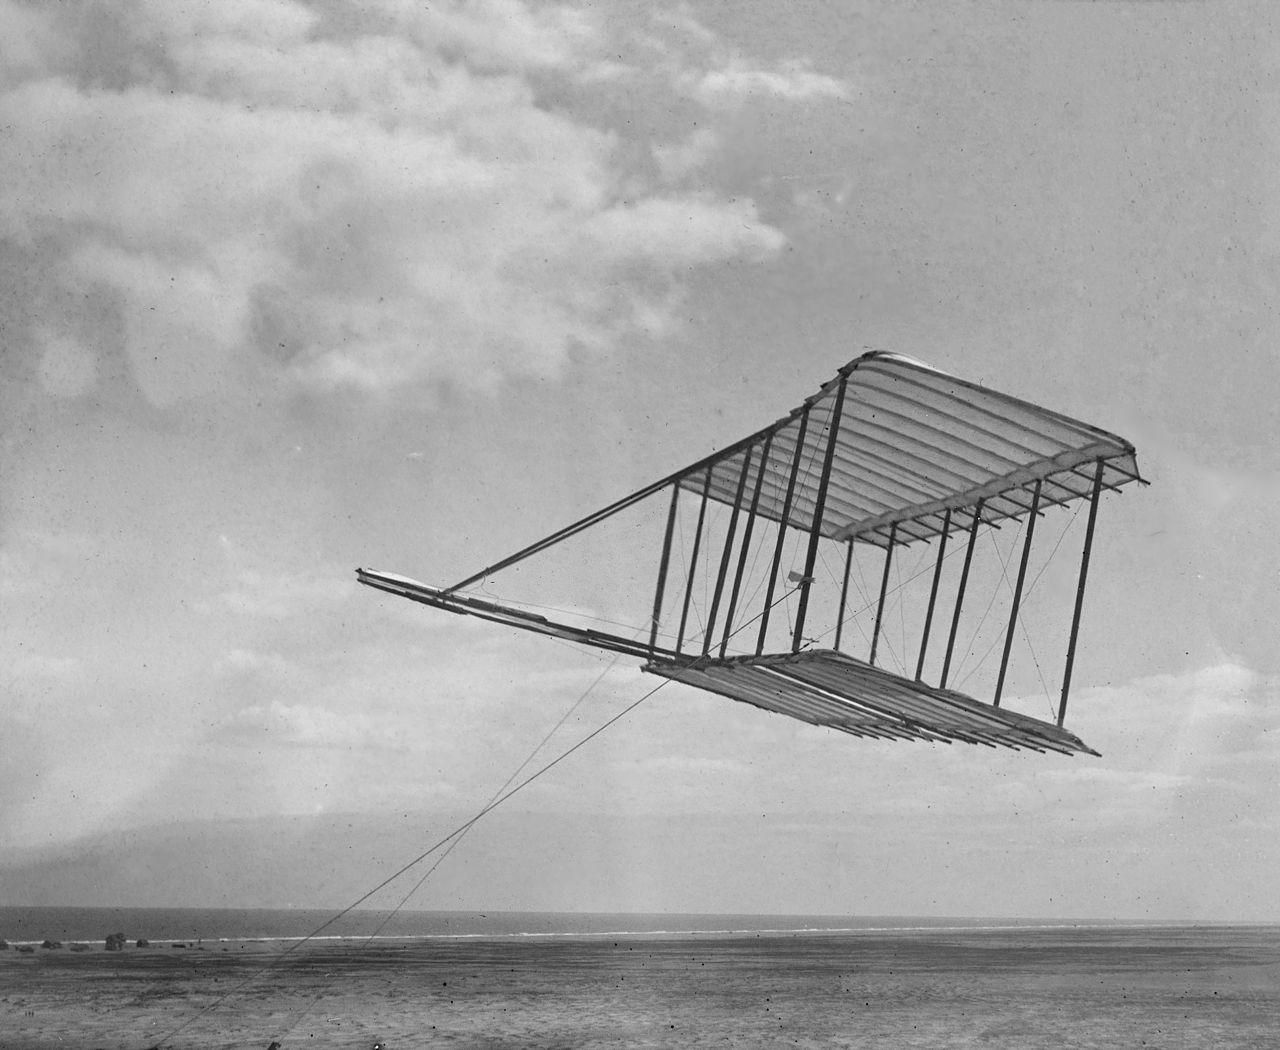 萊特兄弟1900年時的滑翔機。他們當時沒有留下飛行員駕駛著滑翔機飛翔的照片。(國會圖書館)